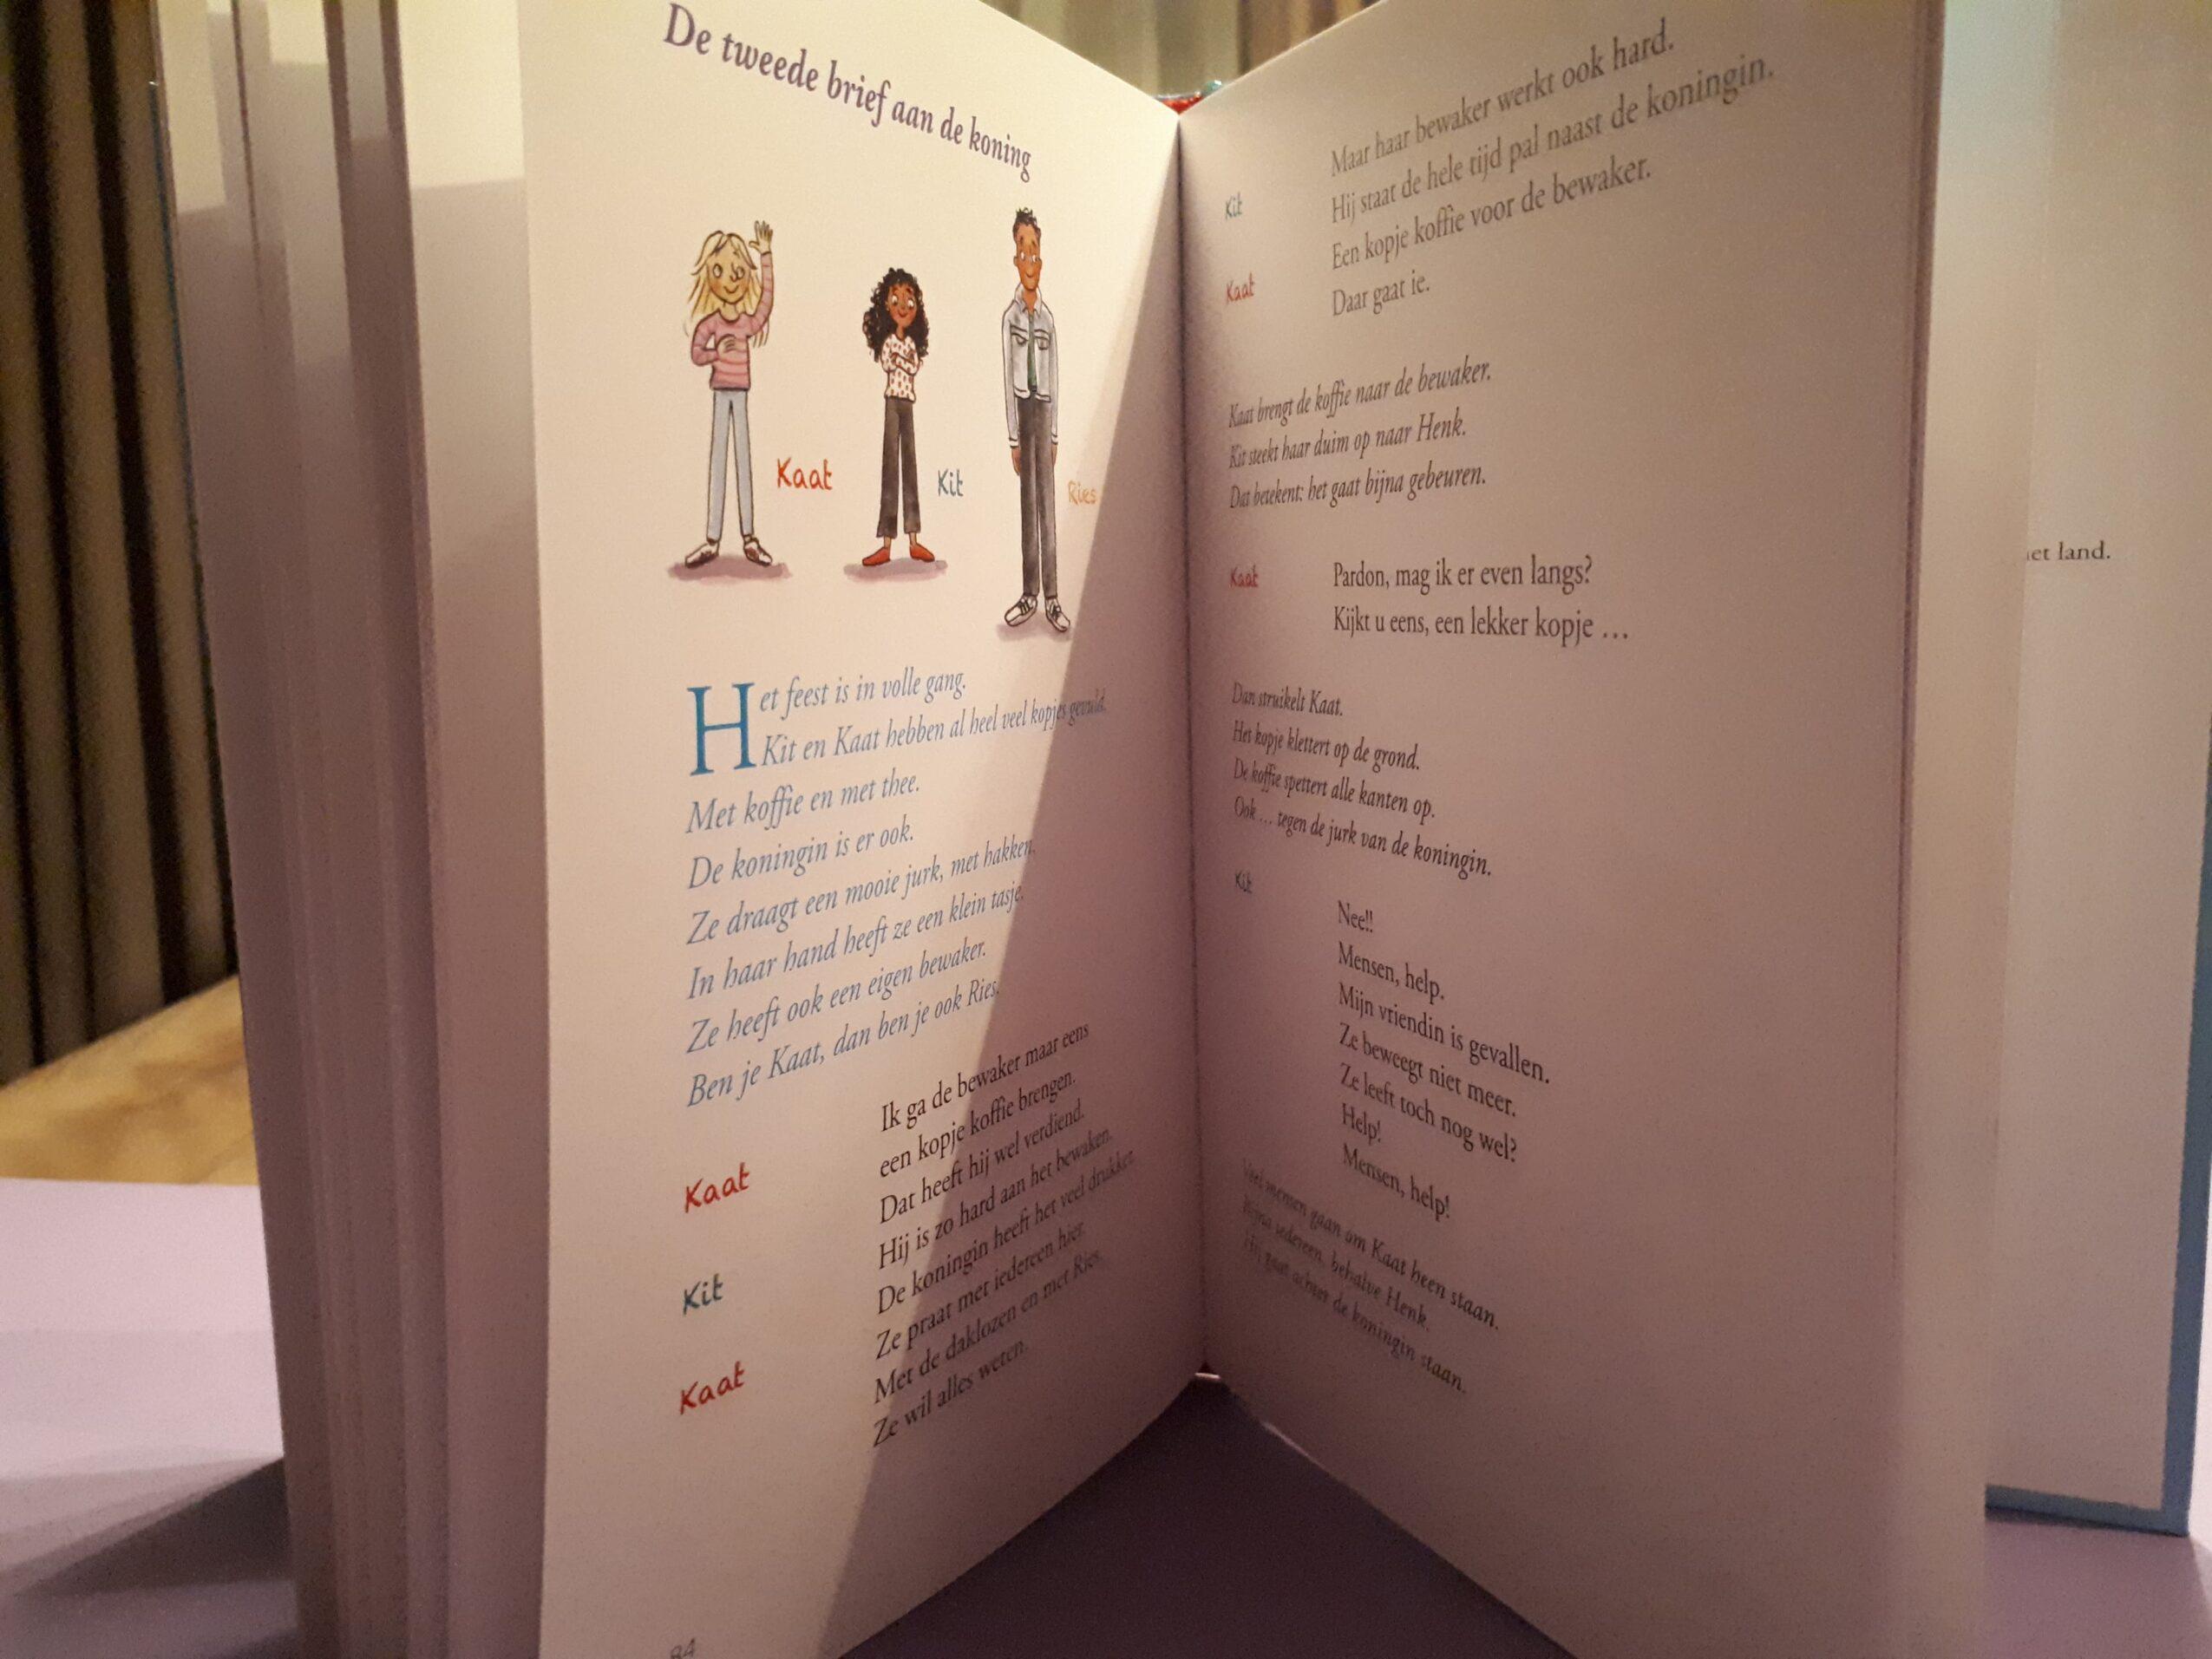 Toneelleesboeken Zwijsen